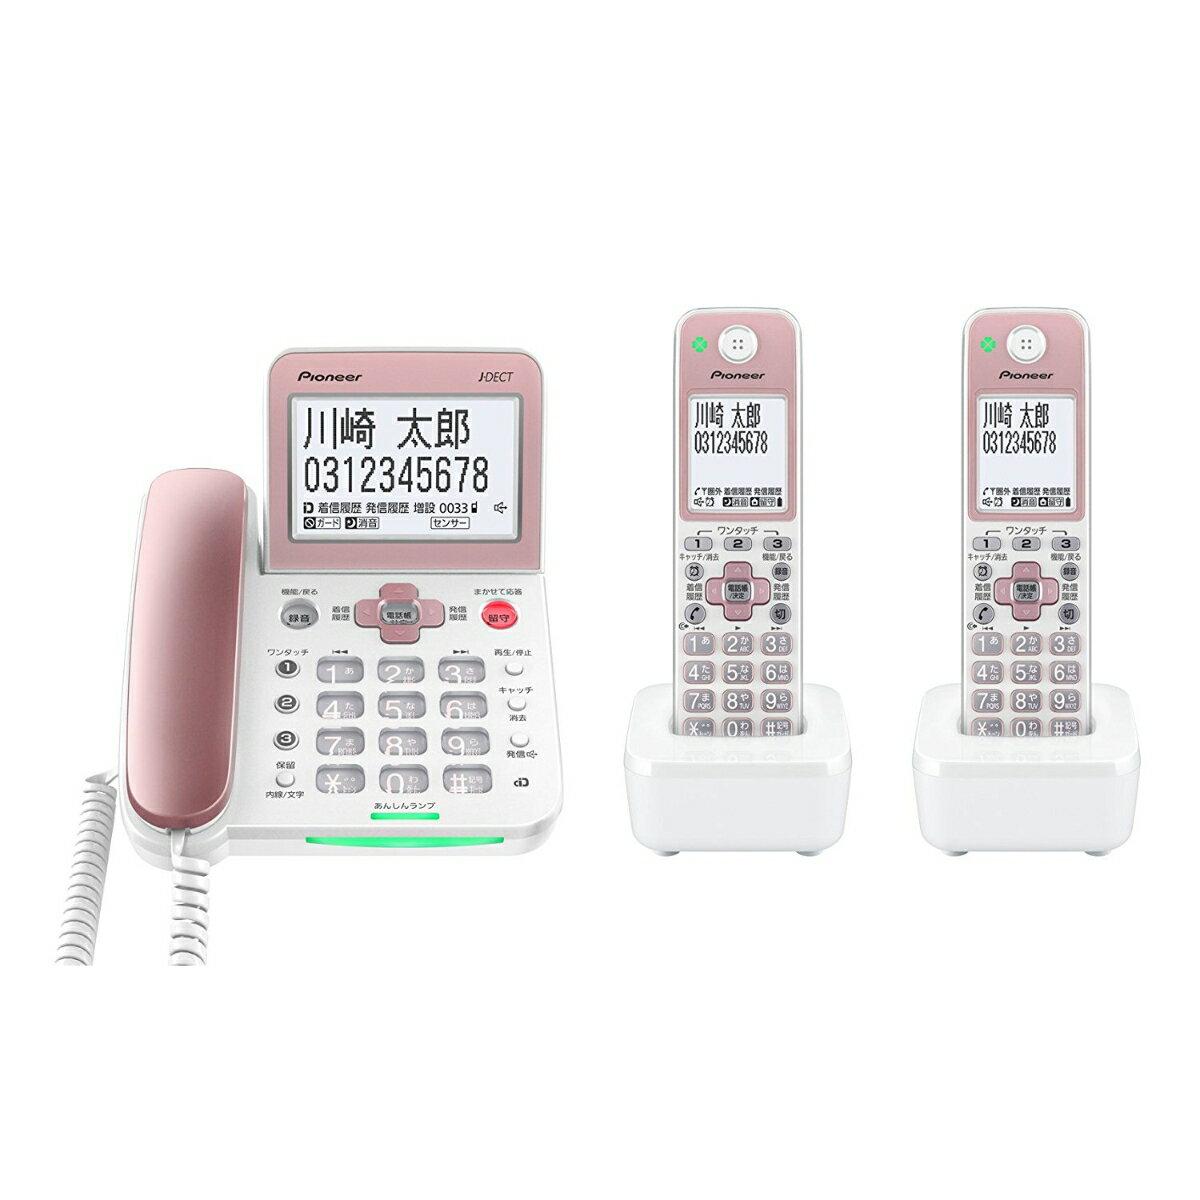 Pioneer デジタルコードレス留守番電話機 子機2台タイプ ライトピンク TF-SA70W-P